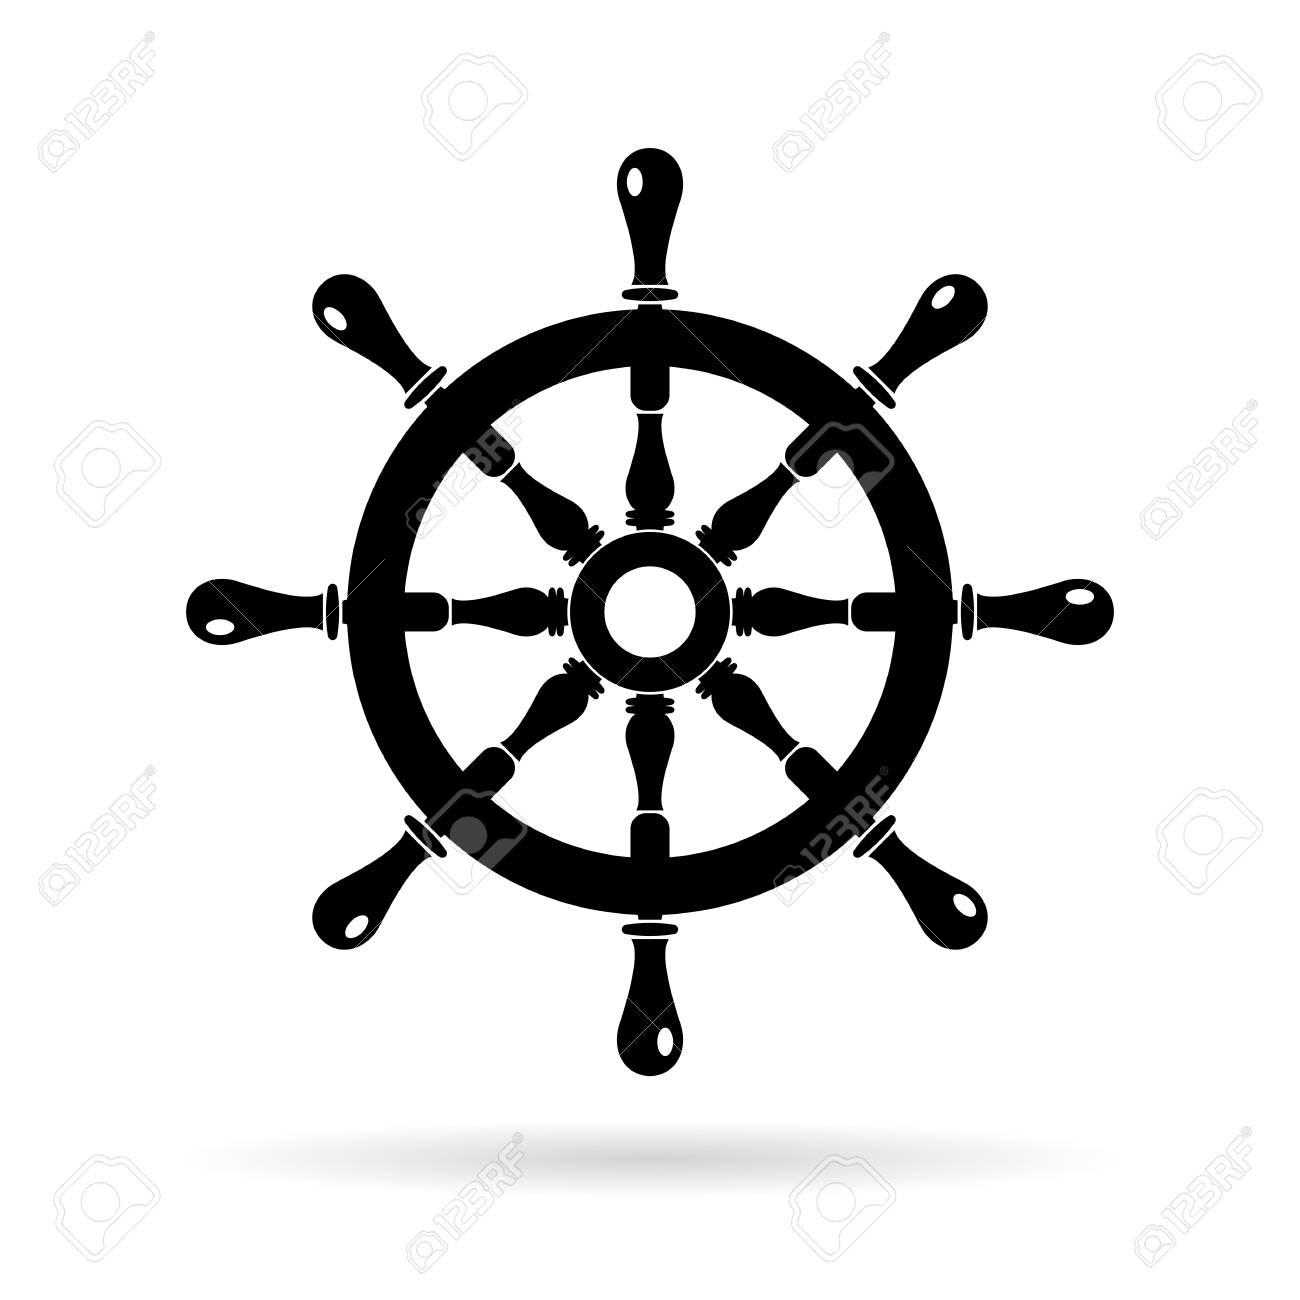 Boat steering wheel vector icon.